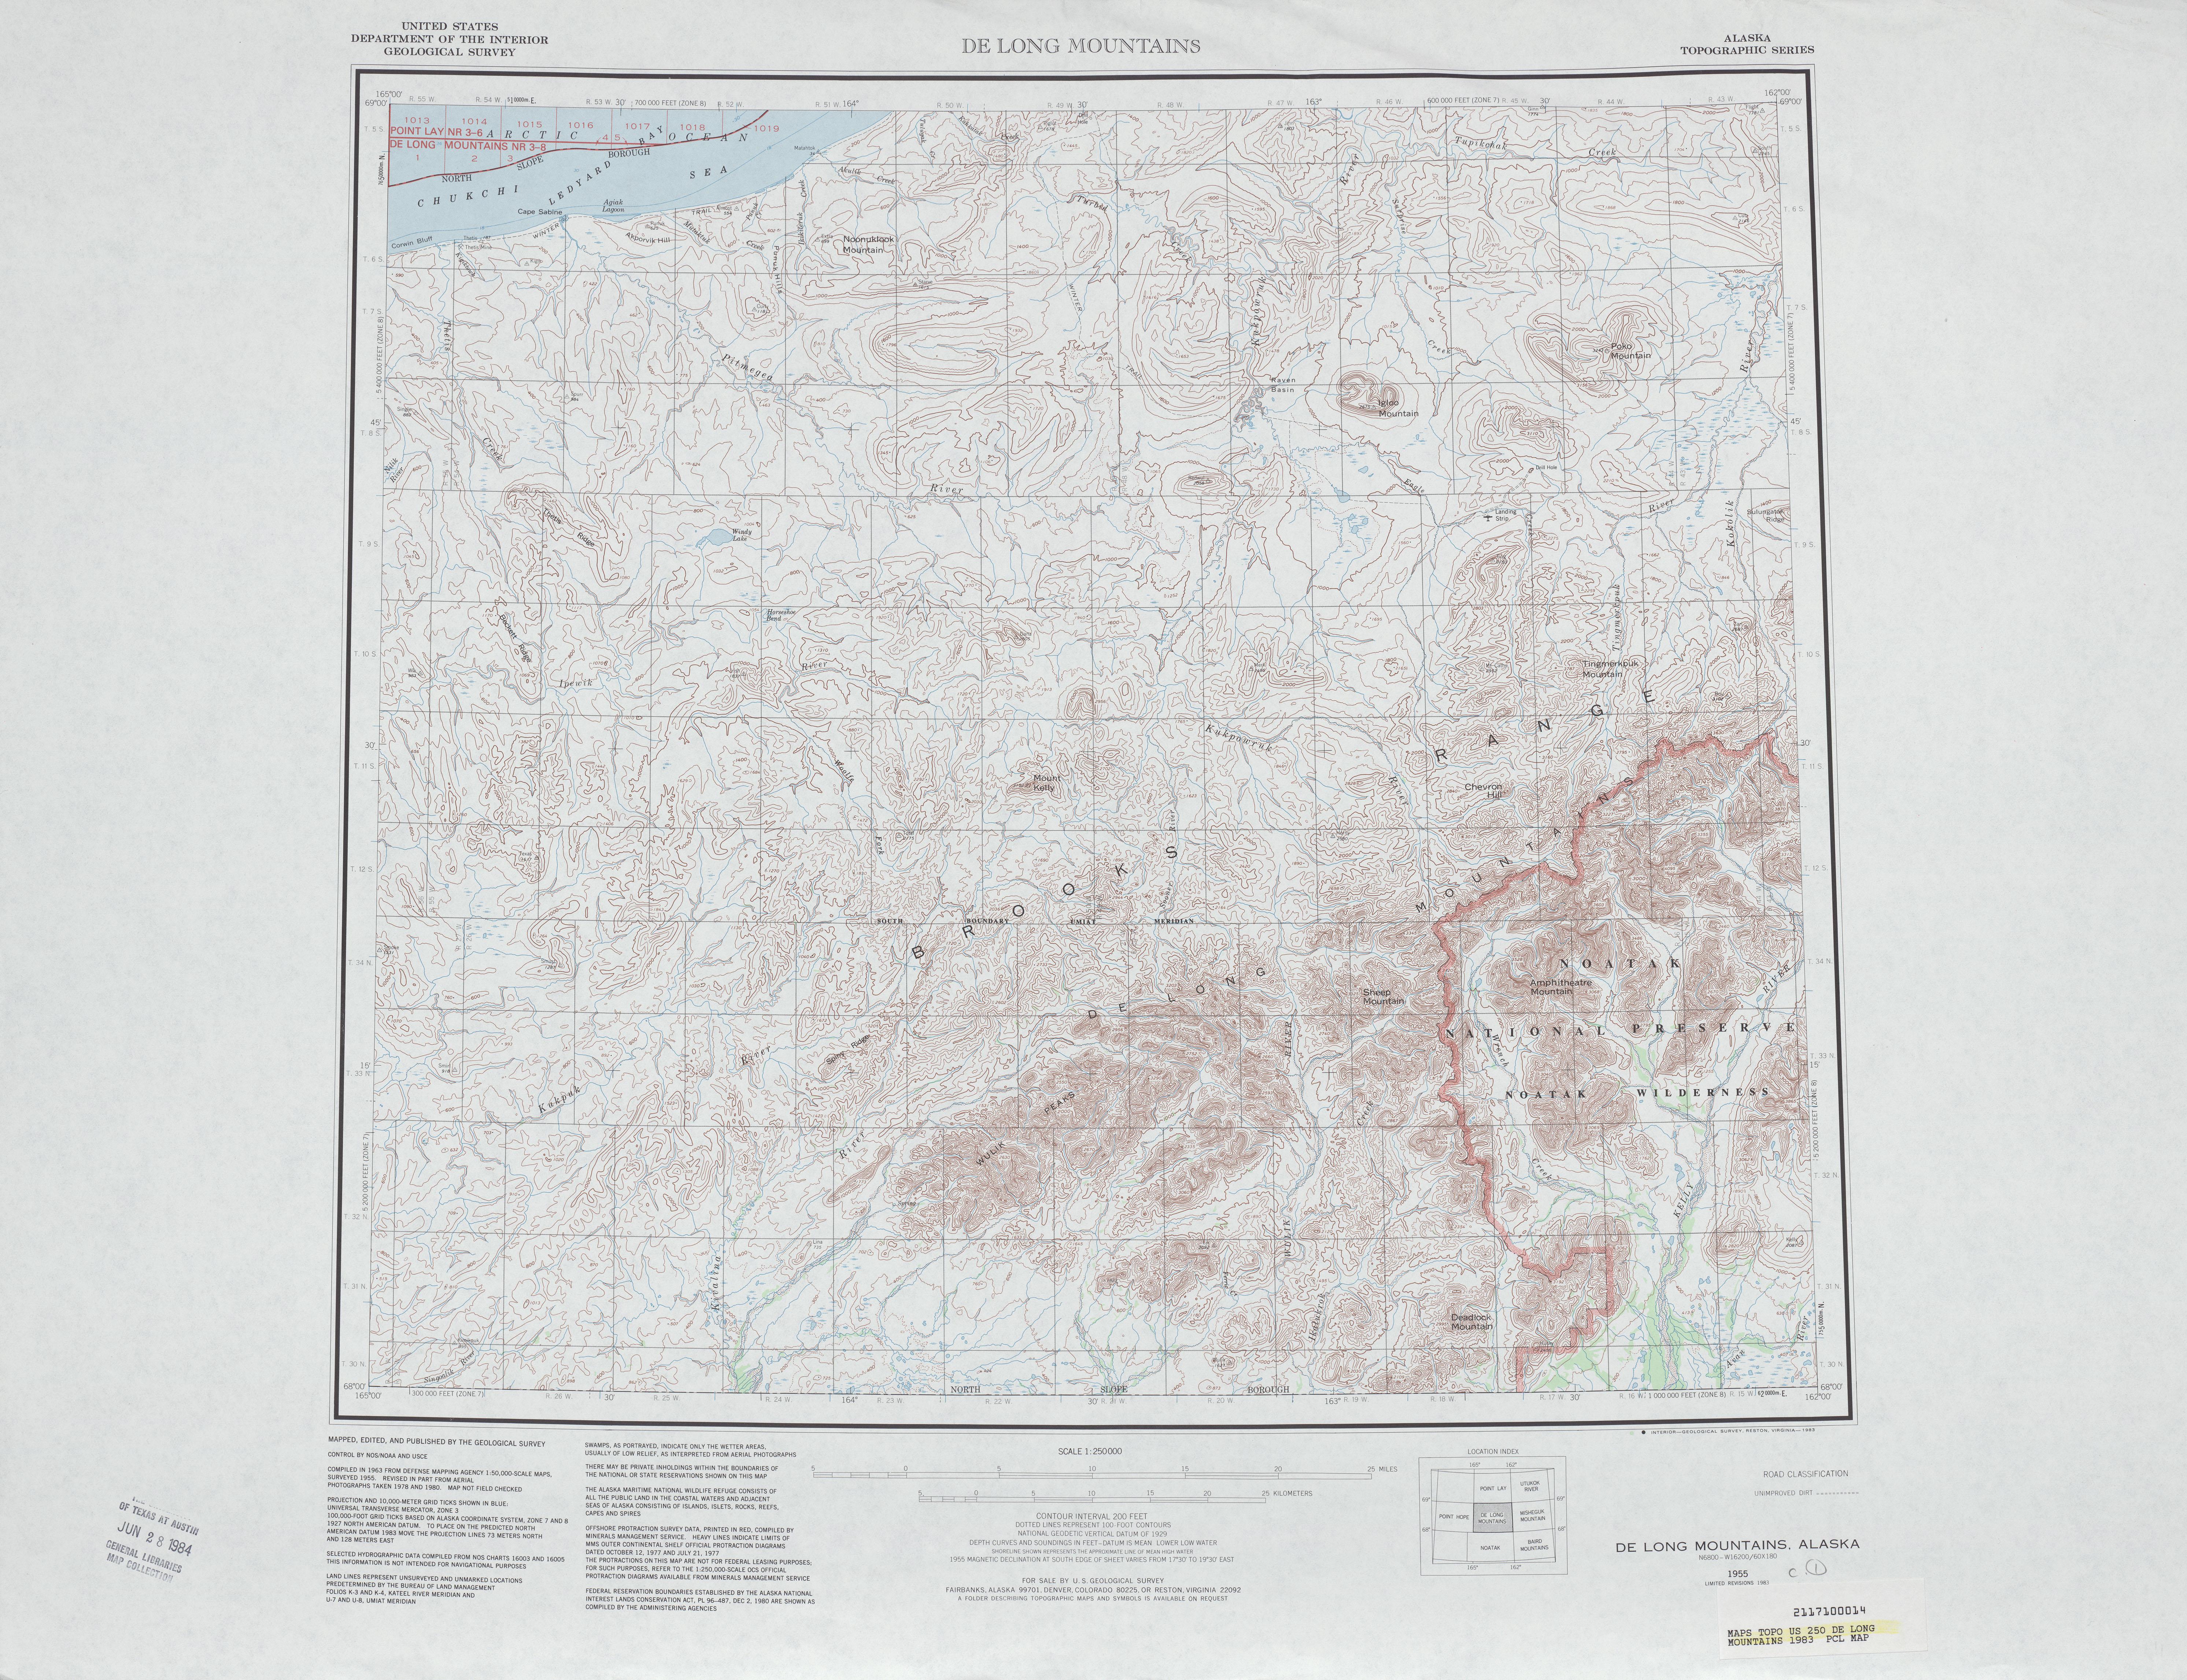 Hoja De Long Mountains del Mapa Topográfico de los Estados Unidos 1983